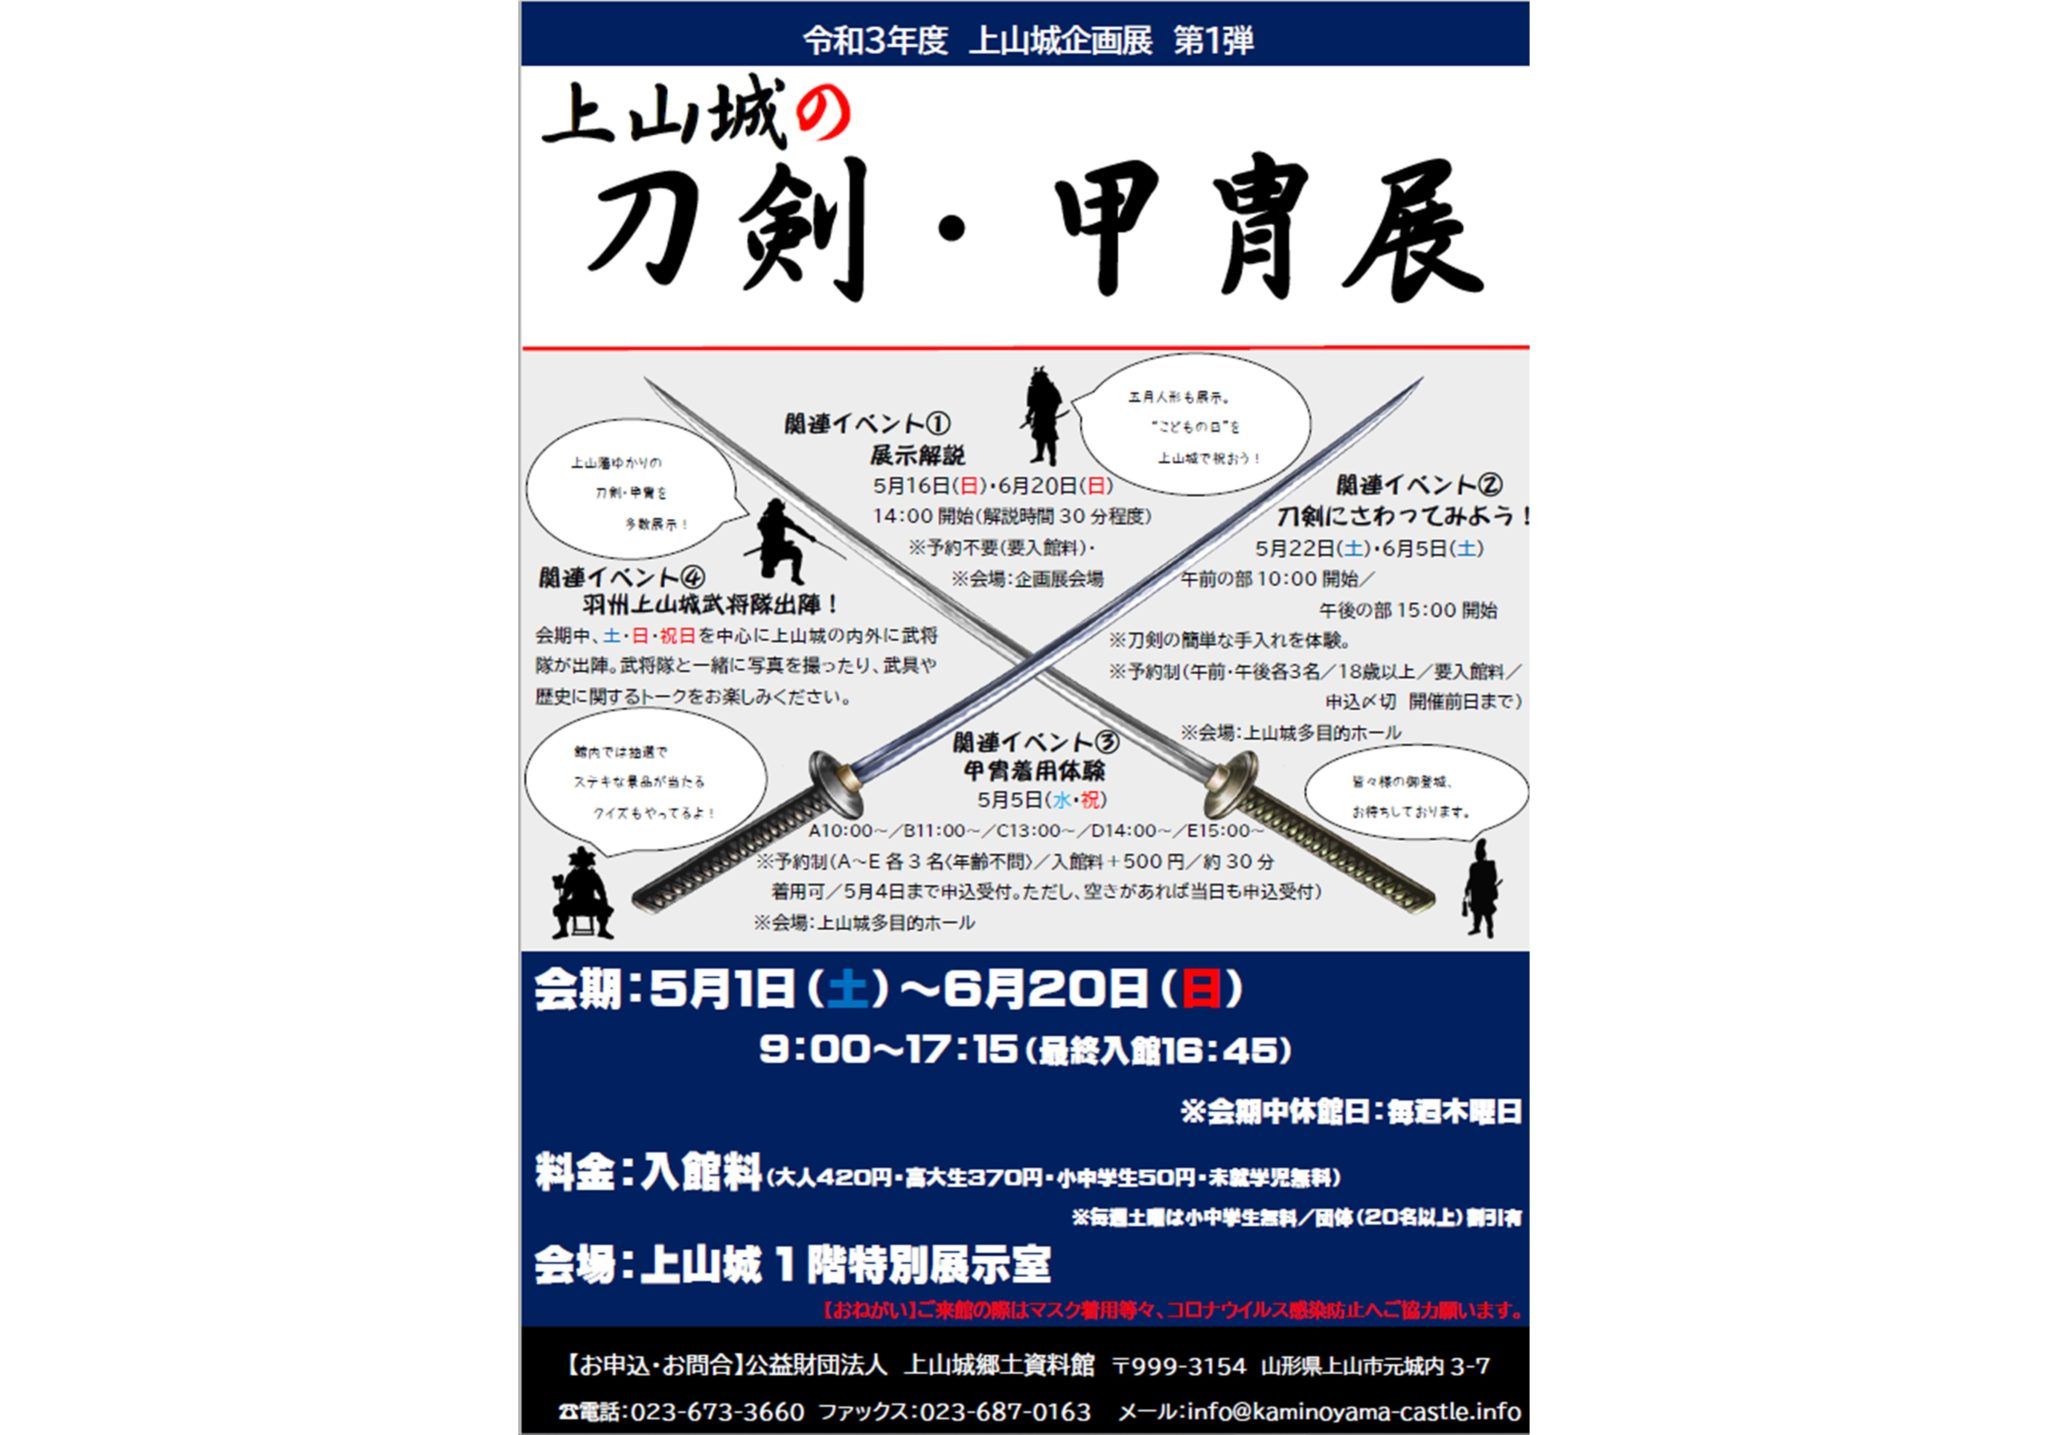 【2021年度】上山城の刀剣・甲冑展